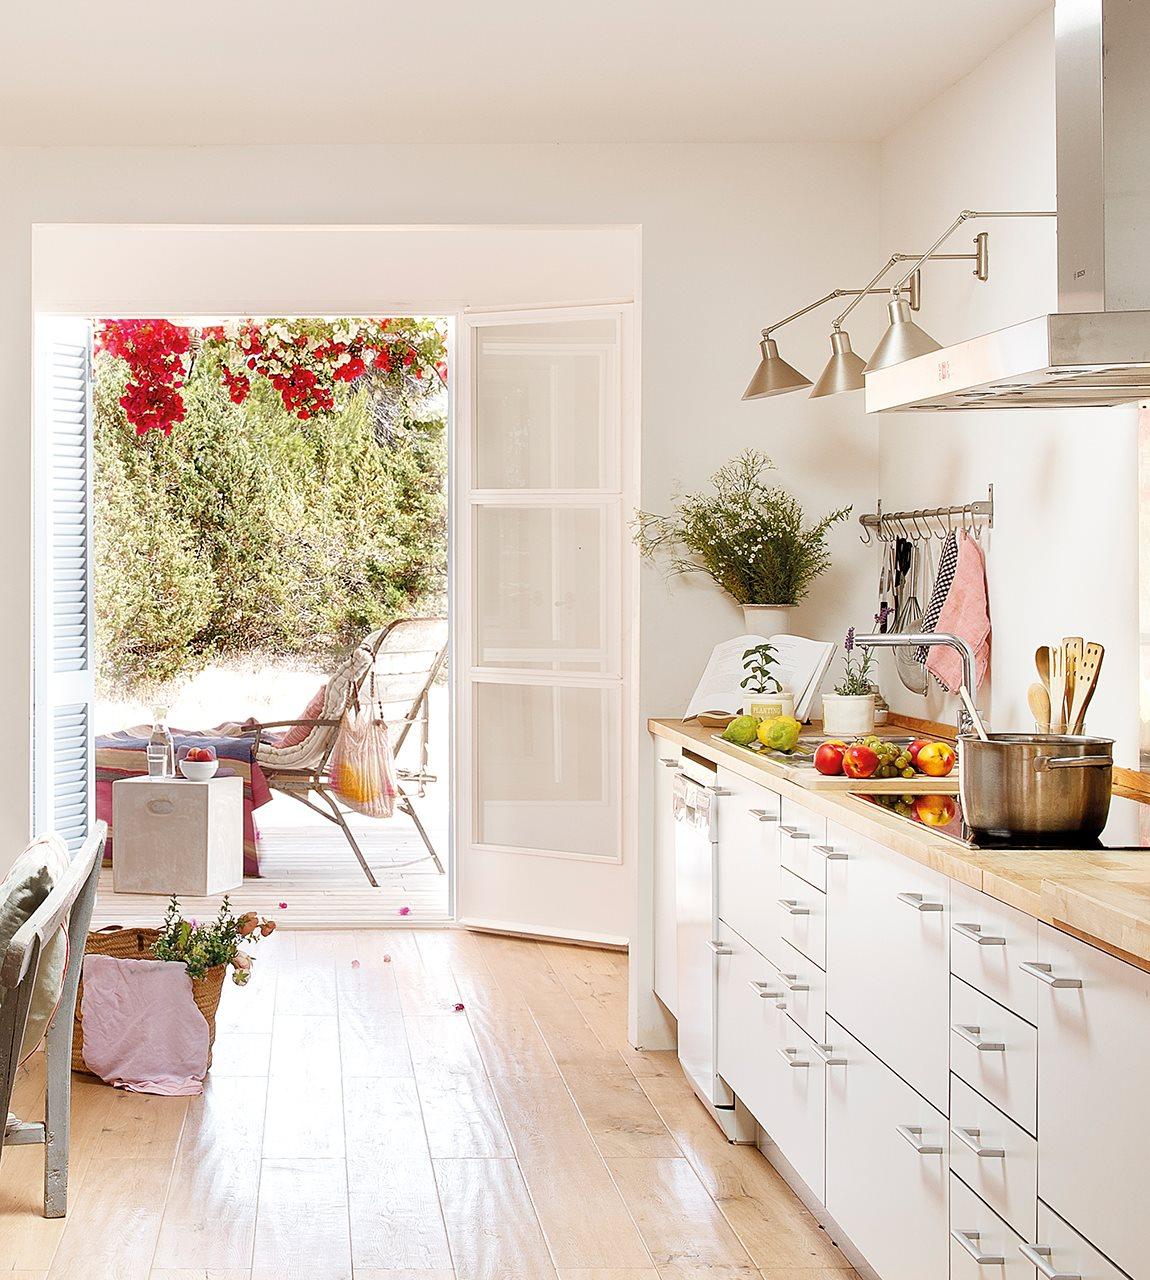 Peque a casita blanca y azul en formentera - Cocinas con salida al patio ...